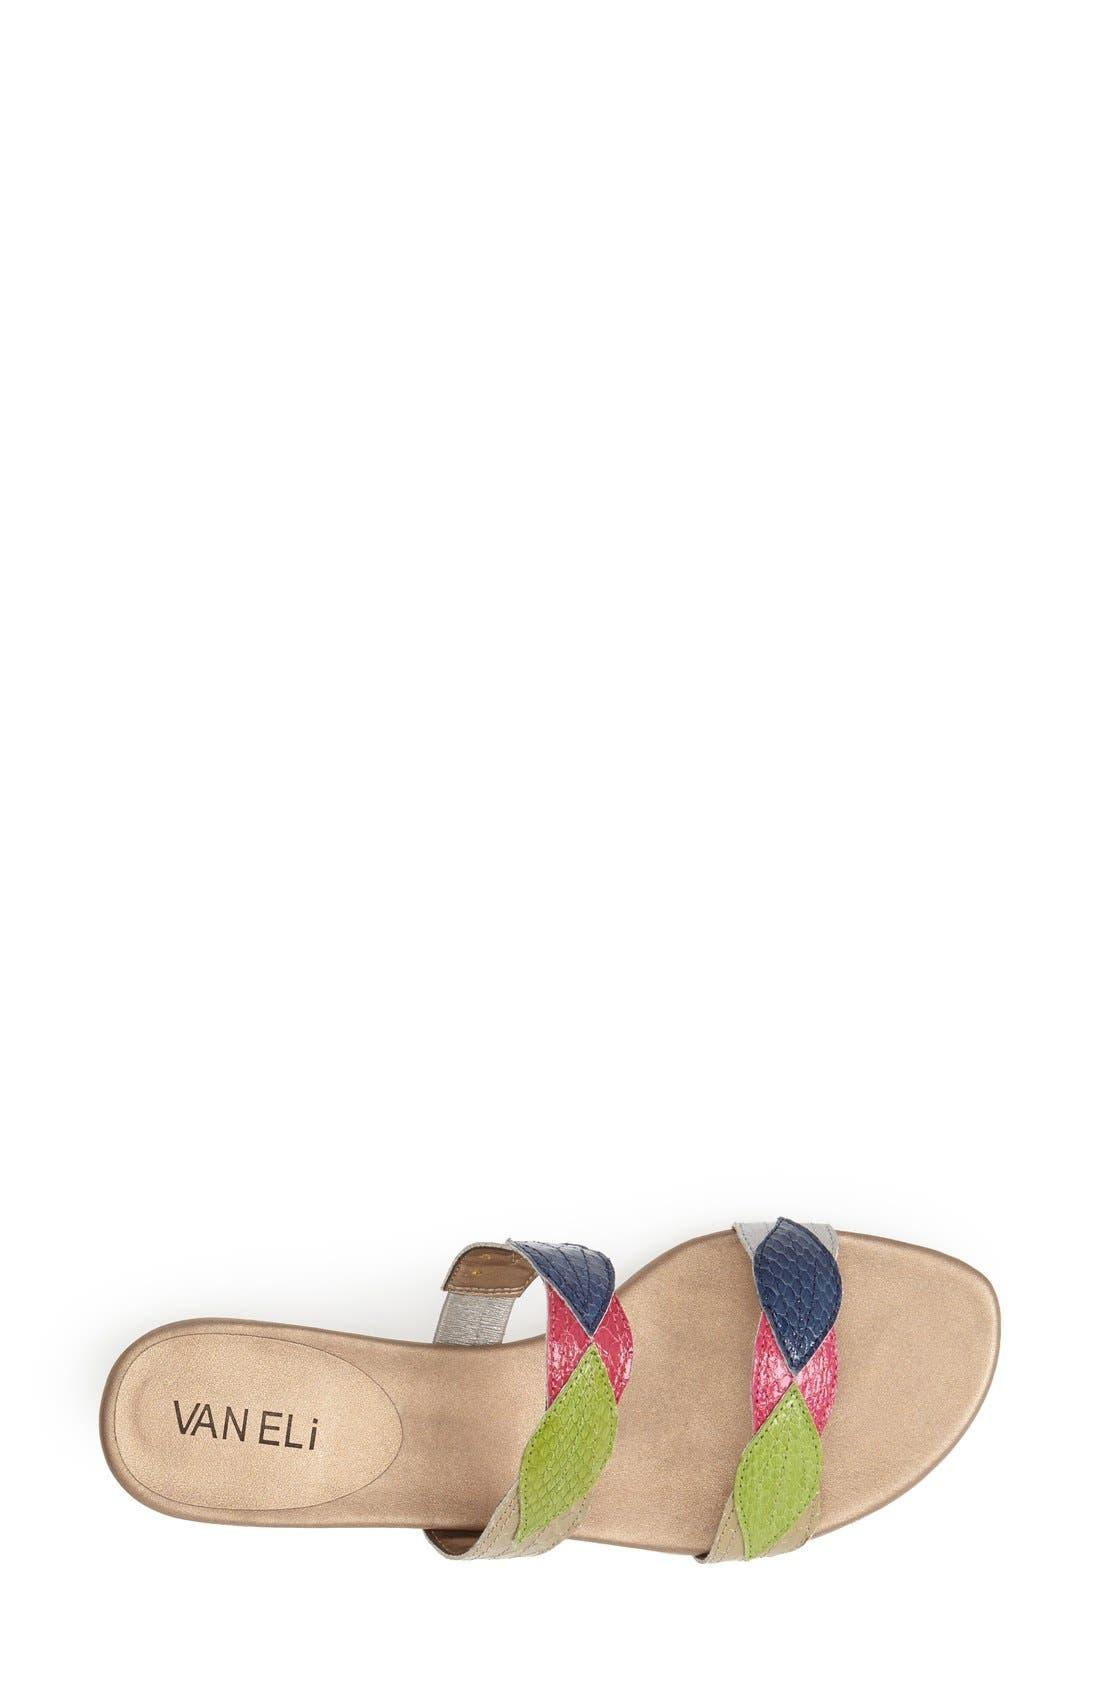 Alternate Image 3  - VANELi 'Blim' Slide Sandal (Women) (Special Purchase)